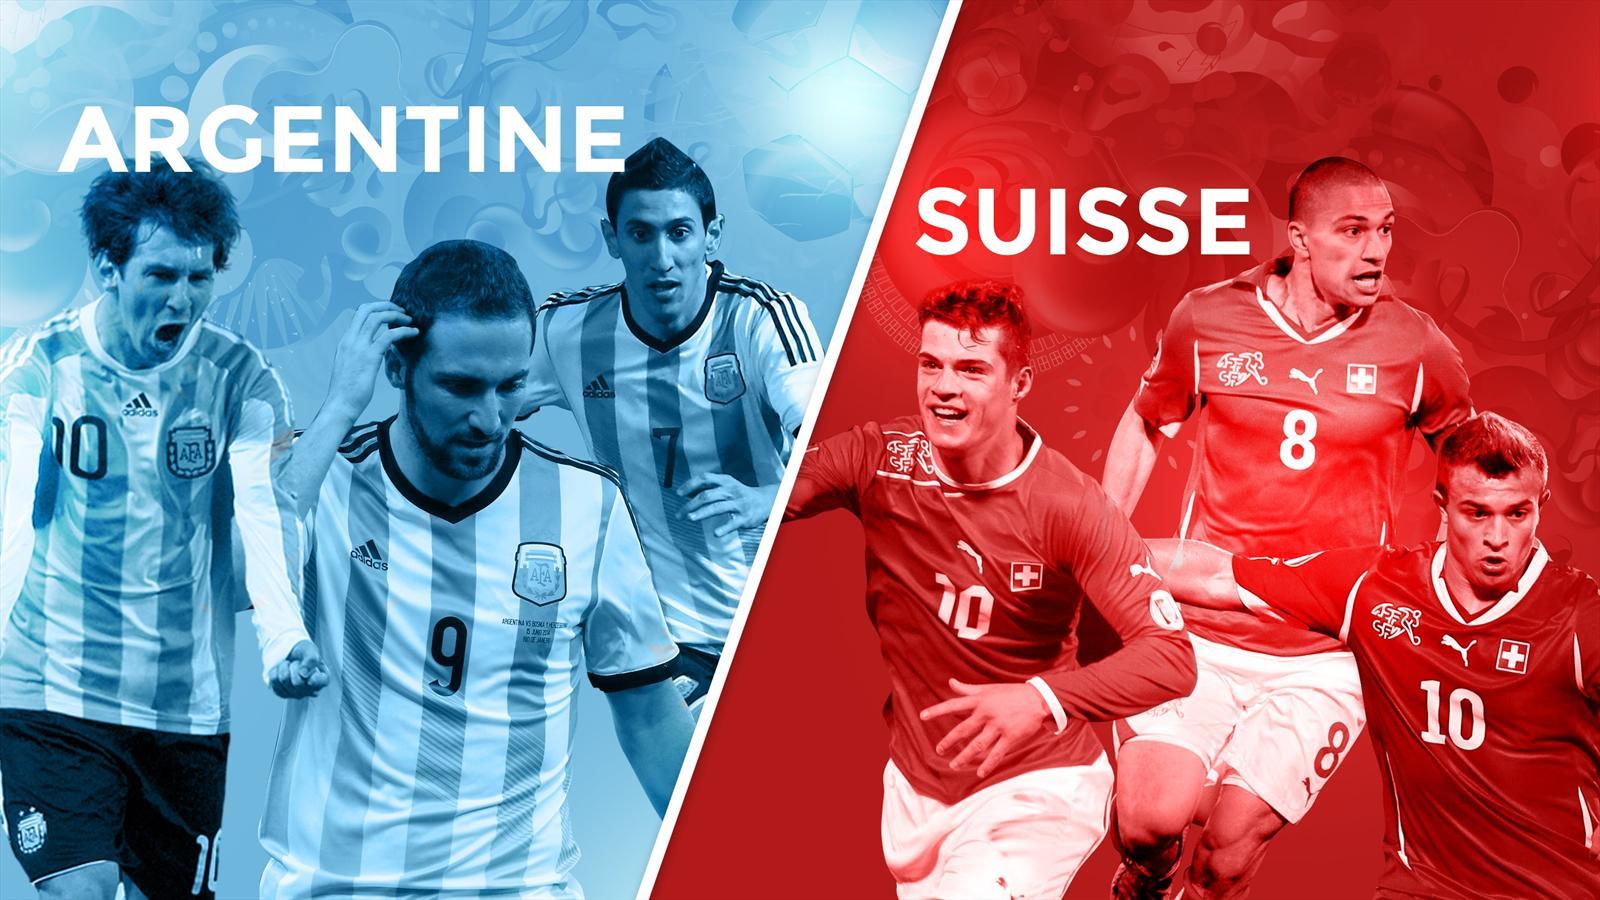 Argentine suisse le match que messi doit encore - Resultat foot feminin coupe de france ...